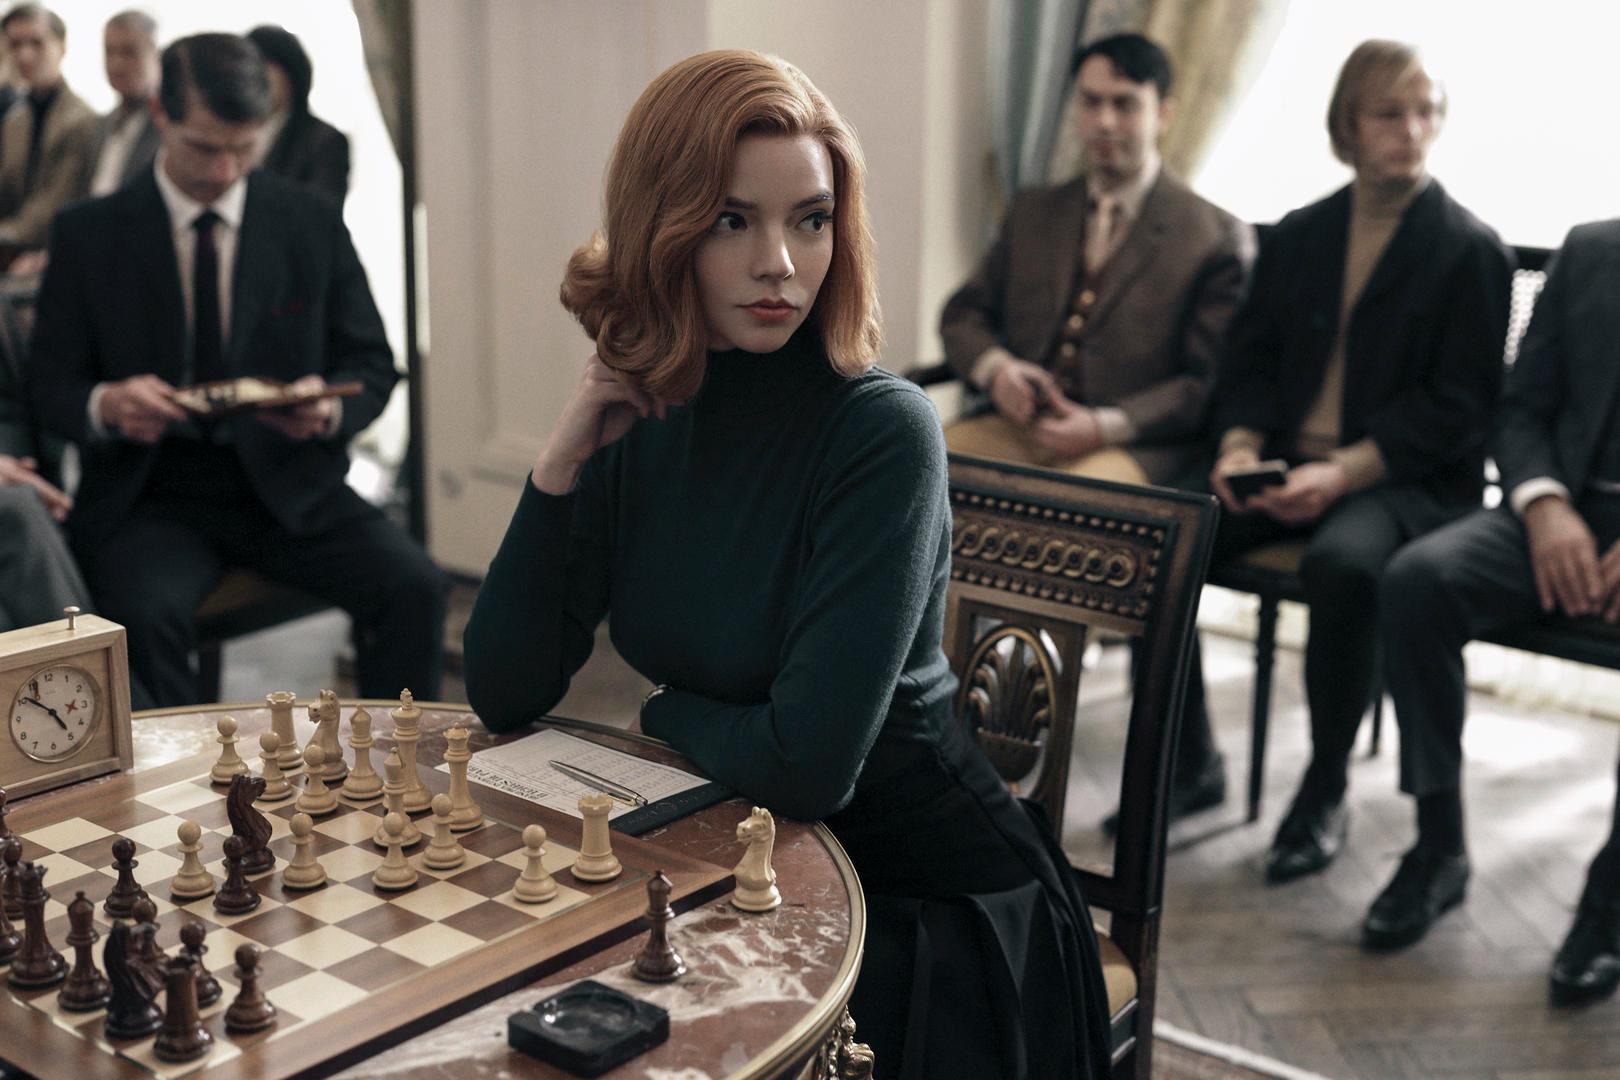 La regina degli scacchi (2020): la recensione della nuova, affascinante mini-serie Netflix